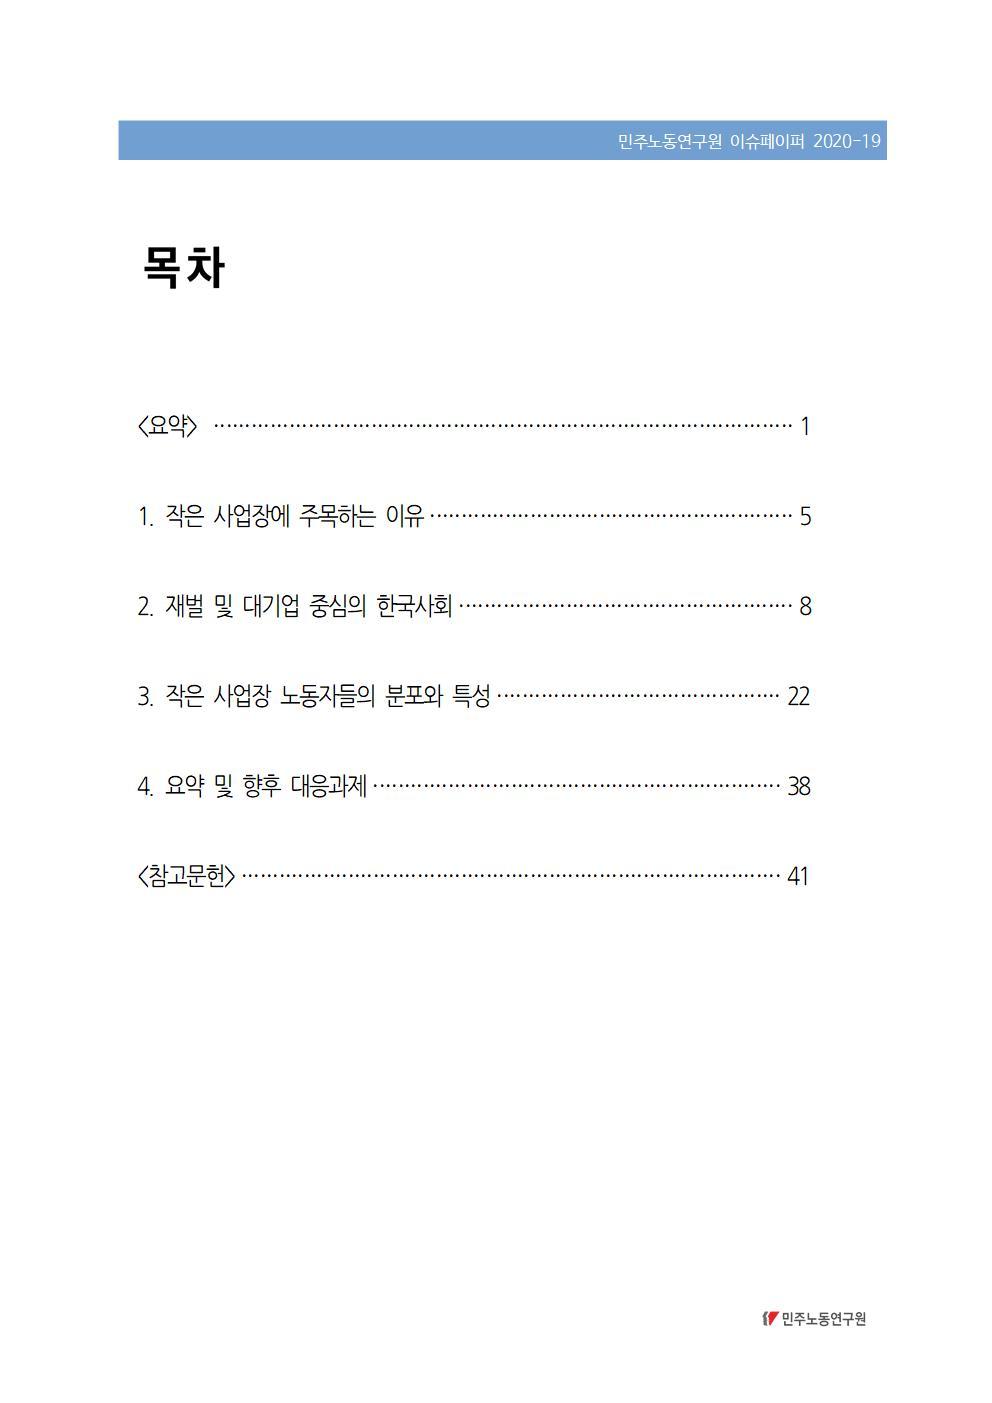 2020_19_작은사업장분포현황_민주노동연구원_이슈페이퍼_박종식_표지002.jpg